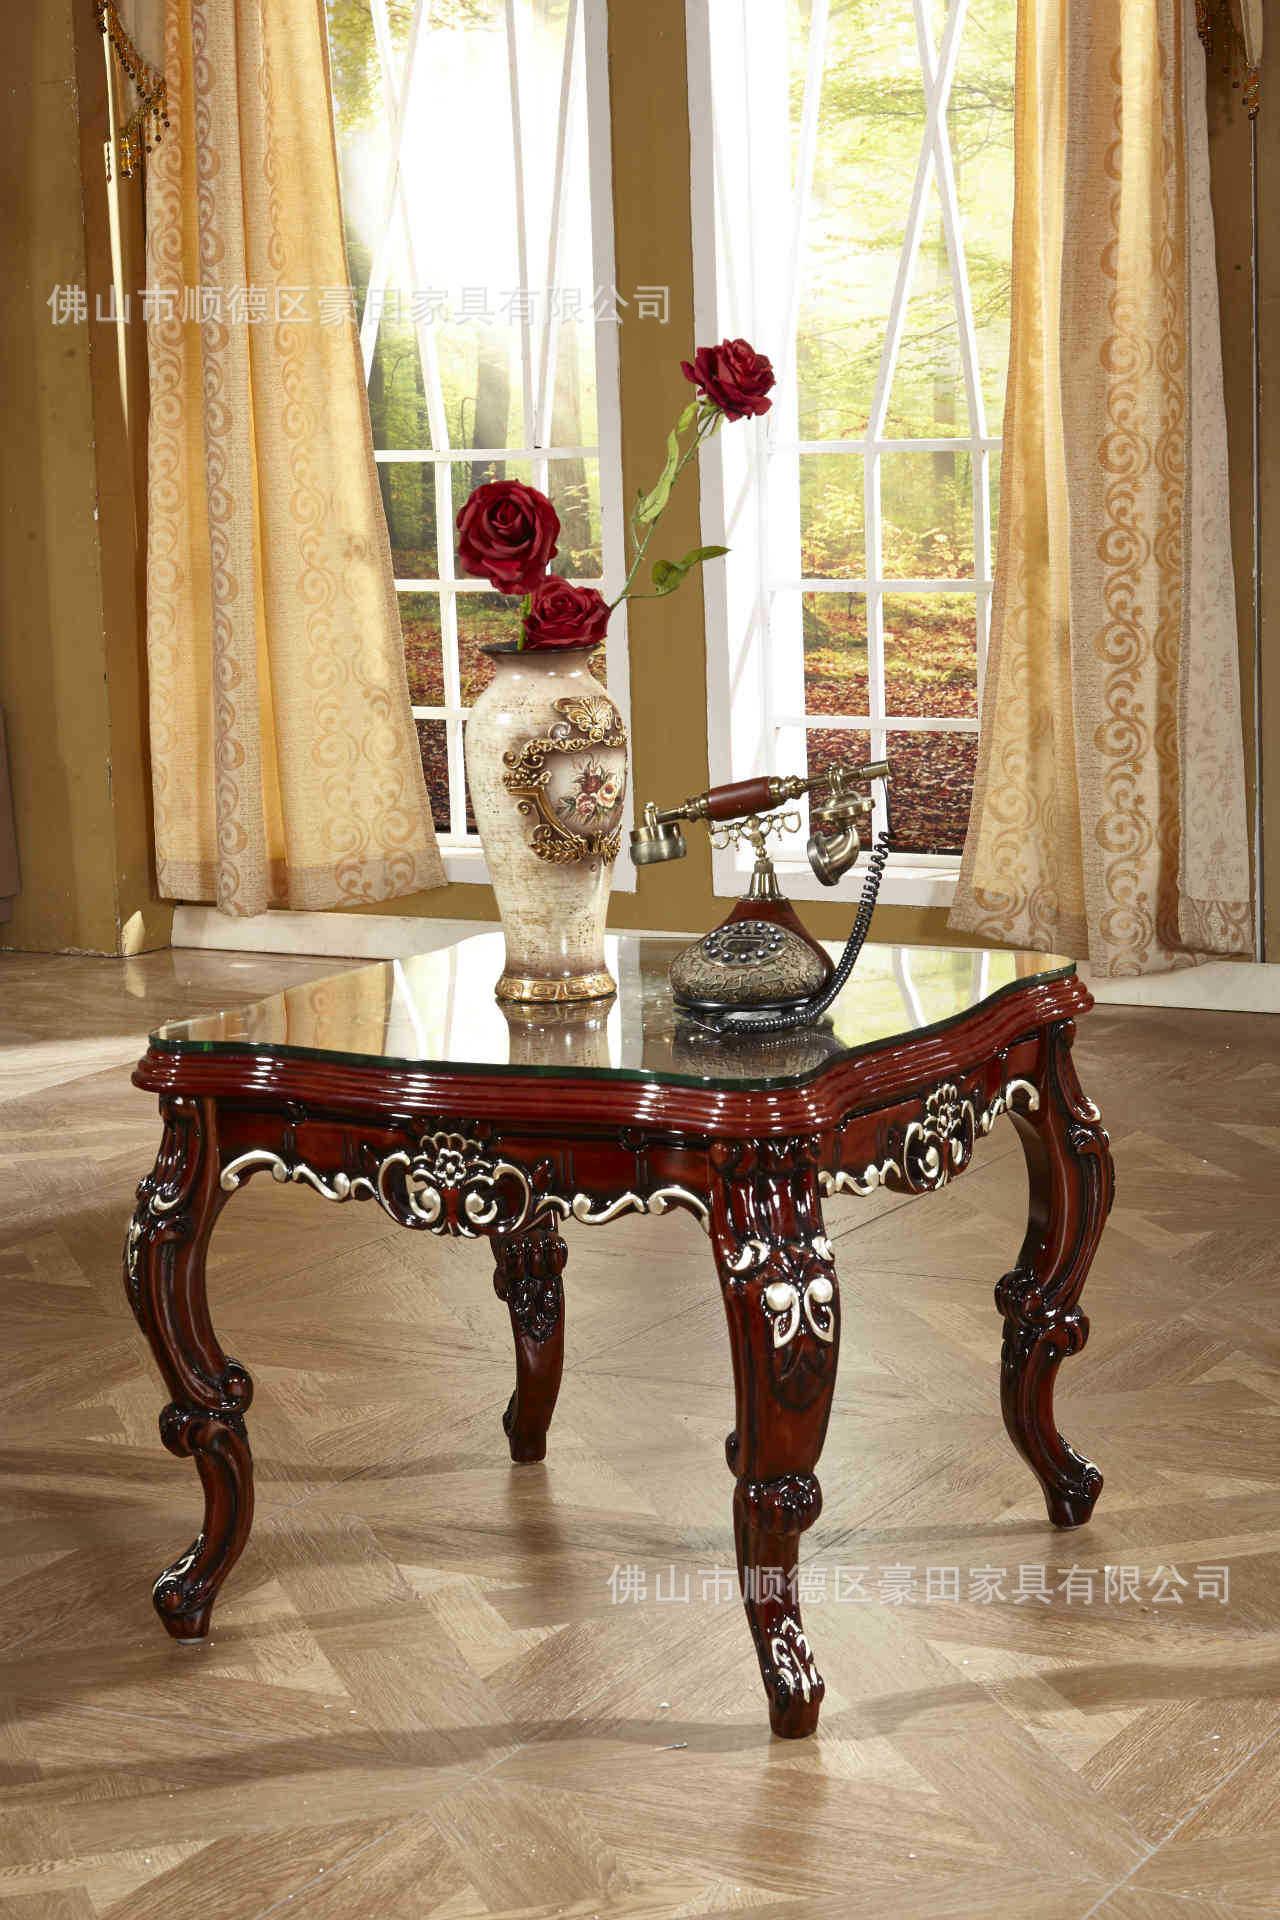 欧式实木家具橡木茶几小方几手工雕花描银贴仿古式方形角几